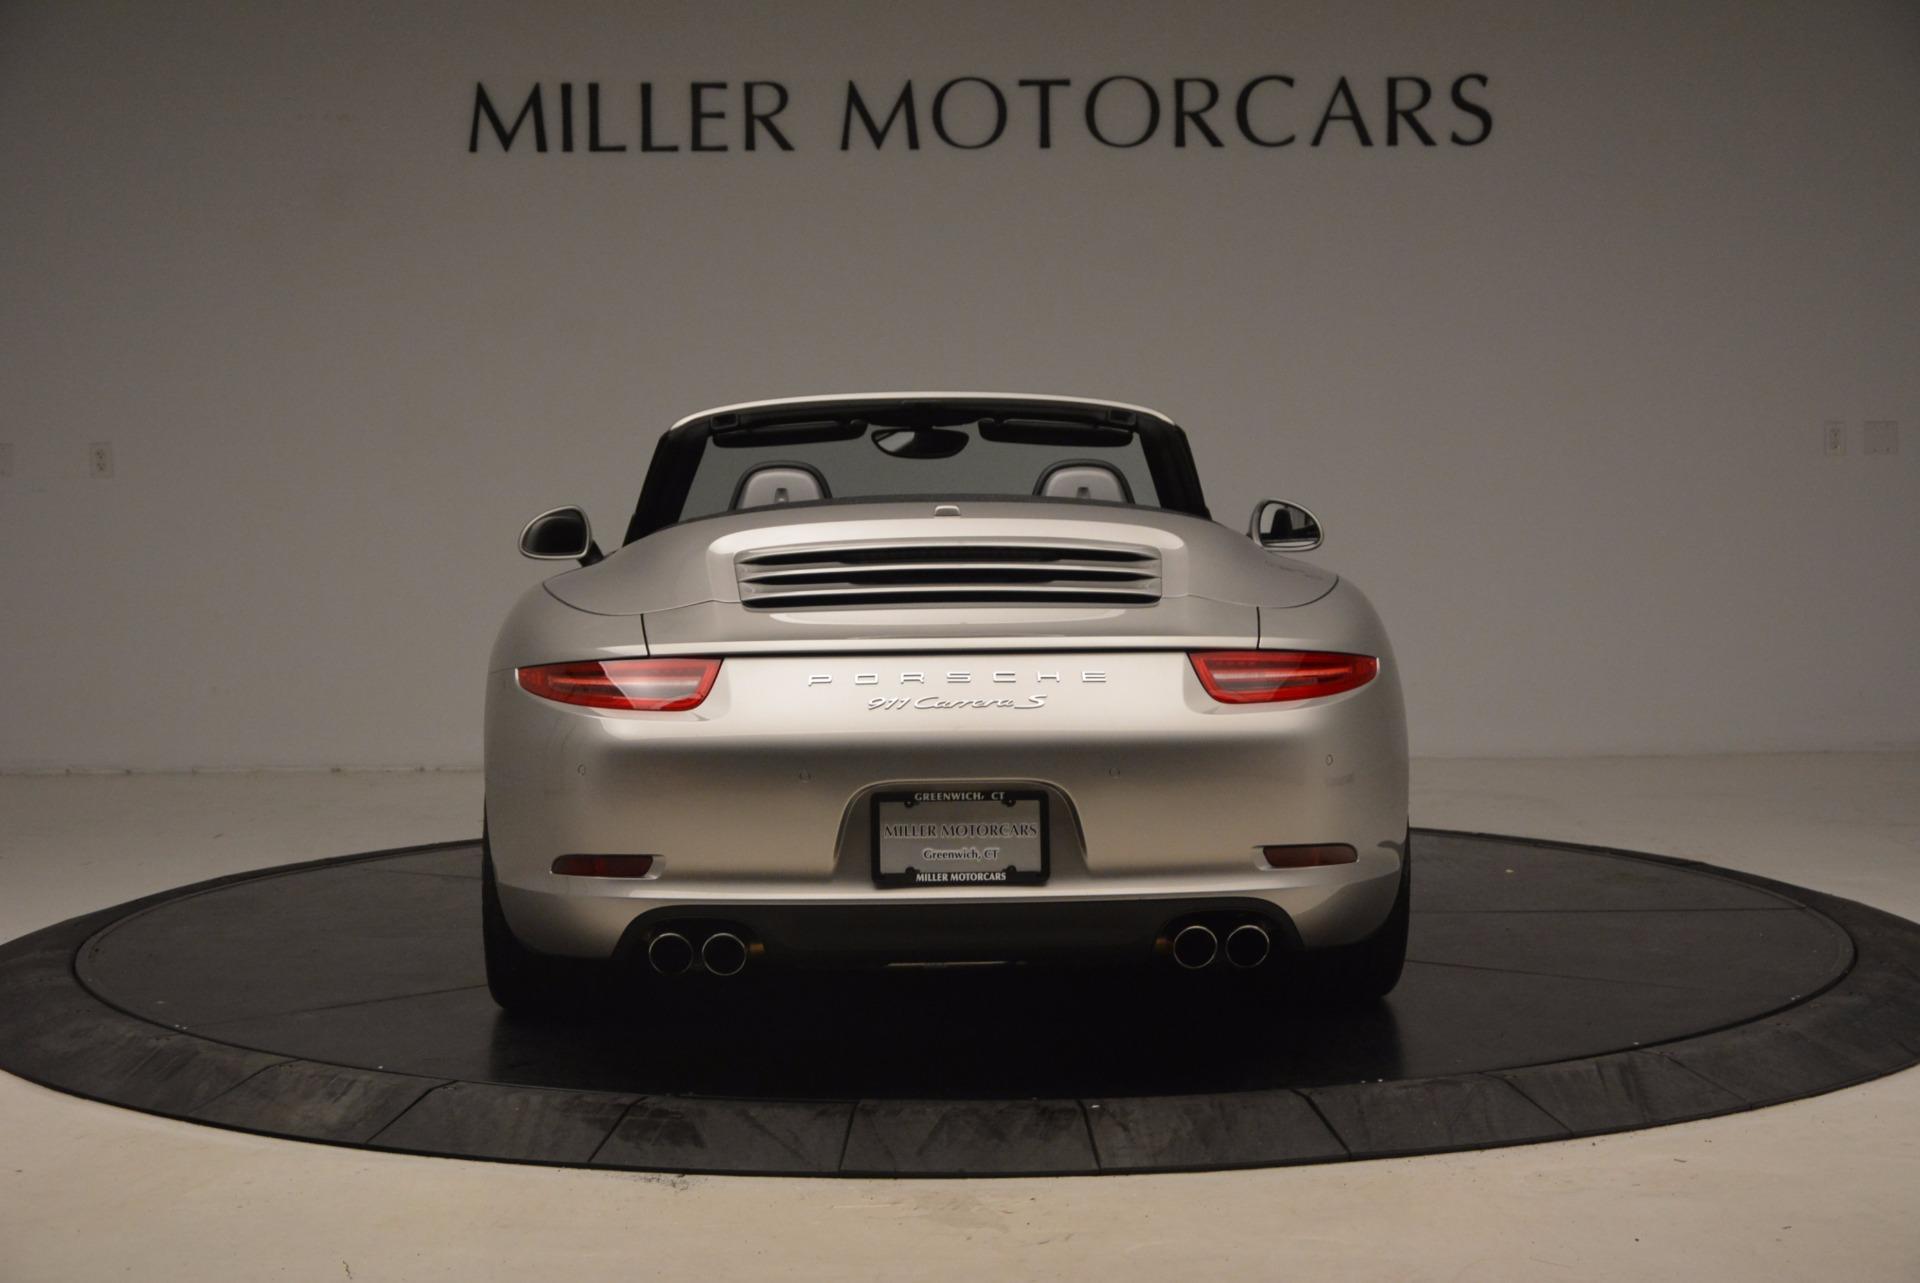 Used 2012 Porsche 911 Carrera S For Sale In Greenwich, CT 1790_p45